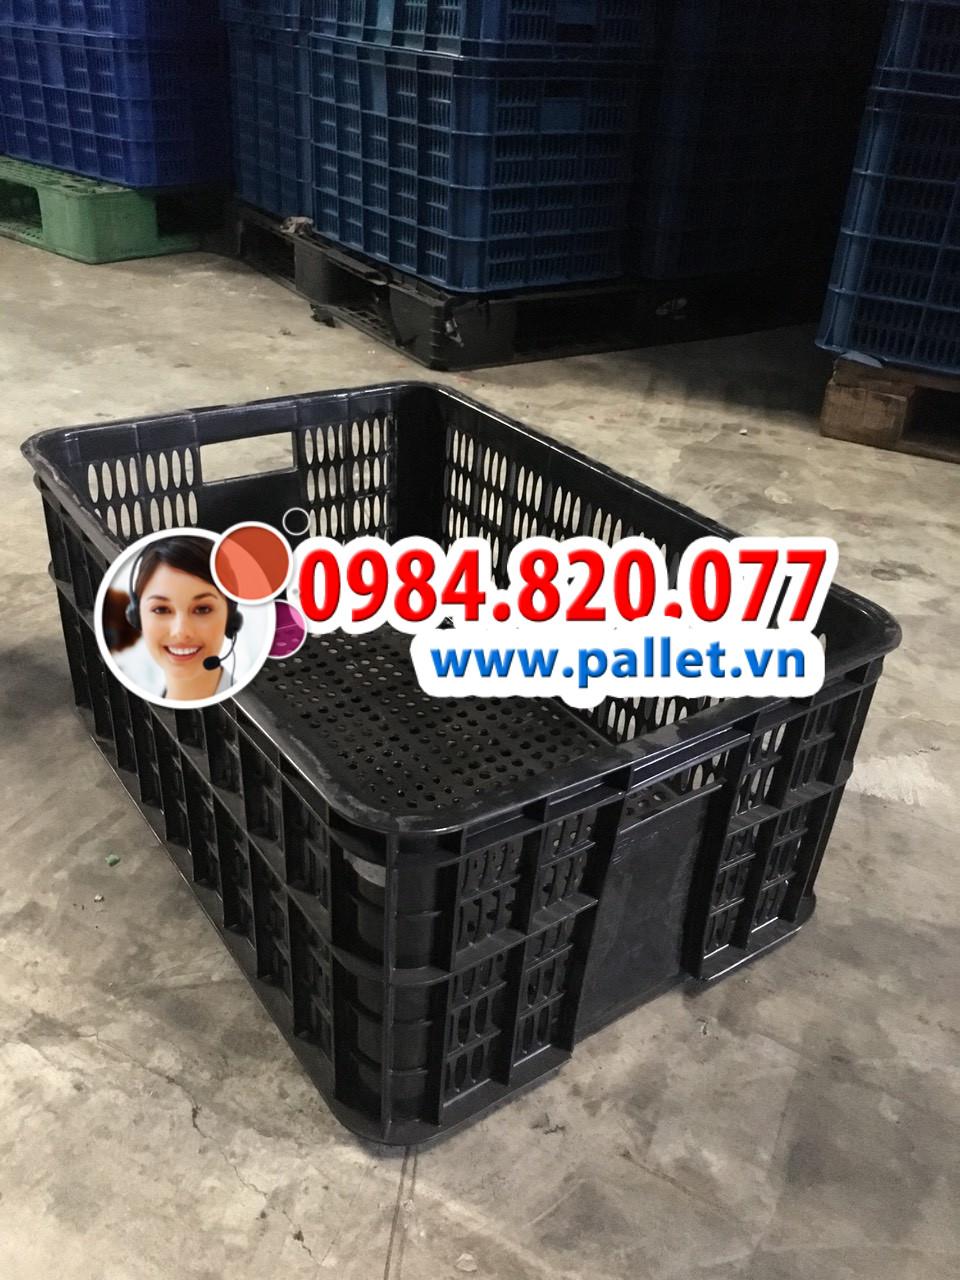 Sóng nhựa hở 2T5 giá rẻ - Kích thước 610x420x250mm - Pallet nhựa Việt Nhật